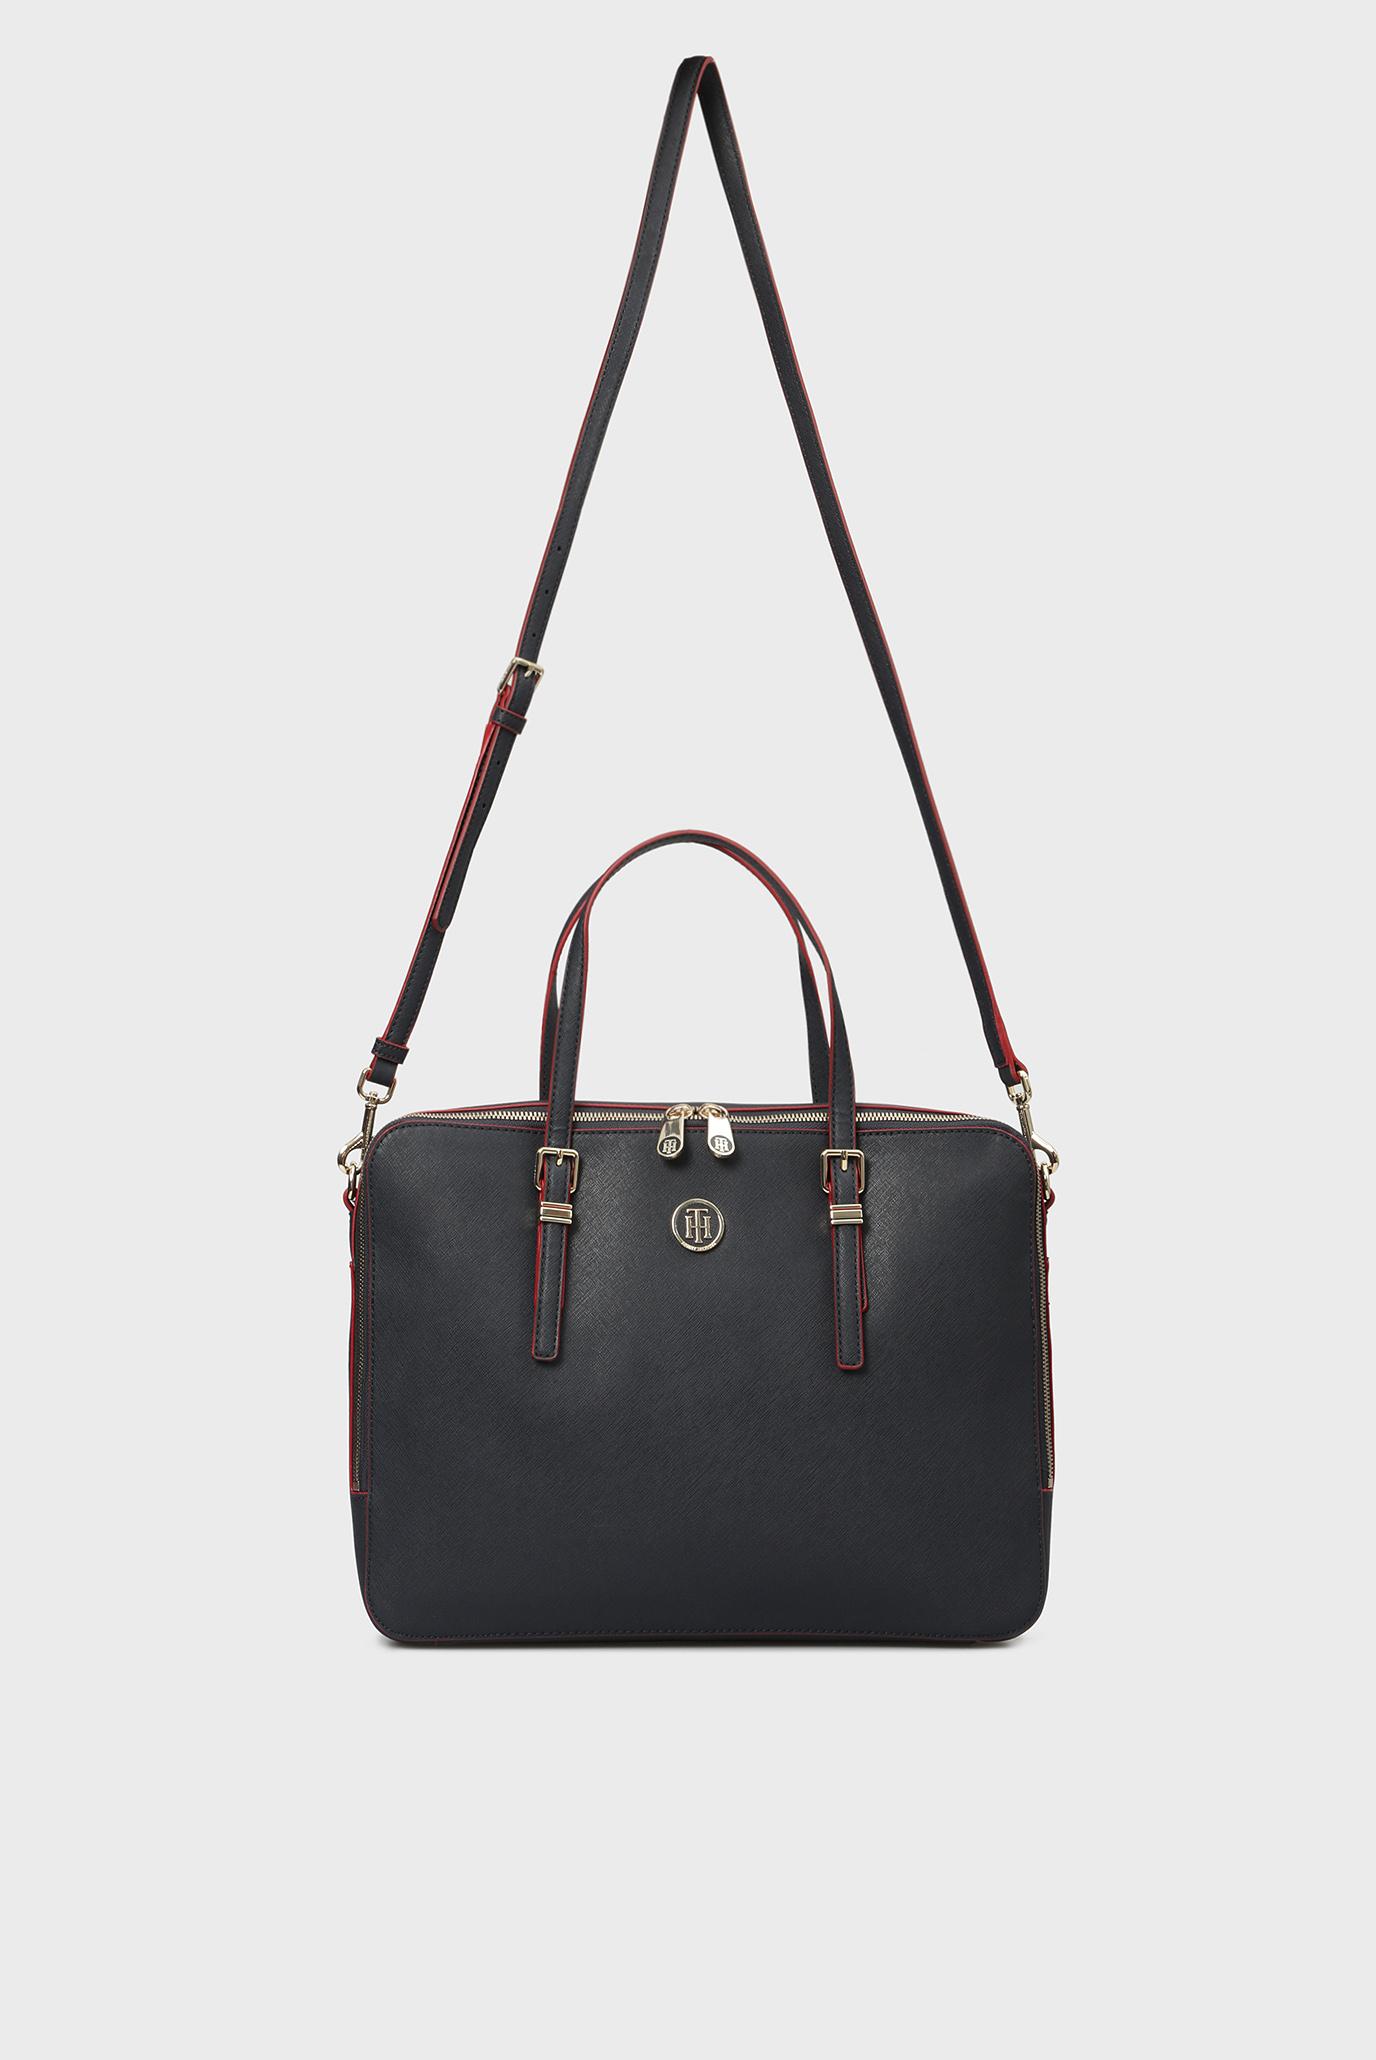 Купить Женская синяя сумка для ноутбука HONEY Tommy Hilfiger Tommy Hilfiger AW0AW05645 – Киев, Украина. Цены в интернет магазине MD Fashion